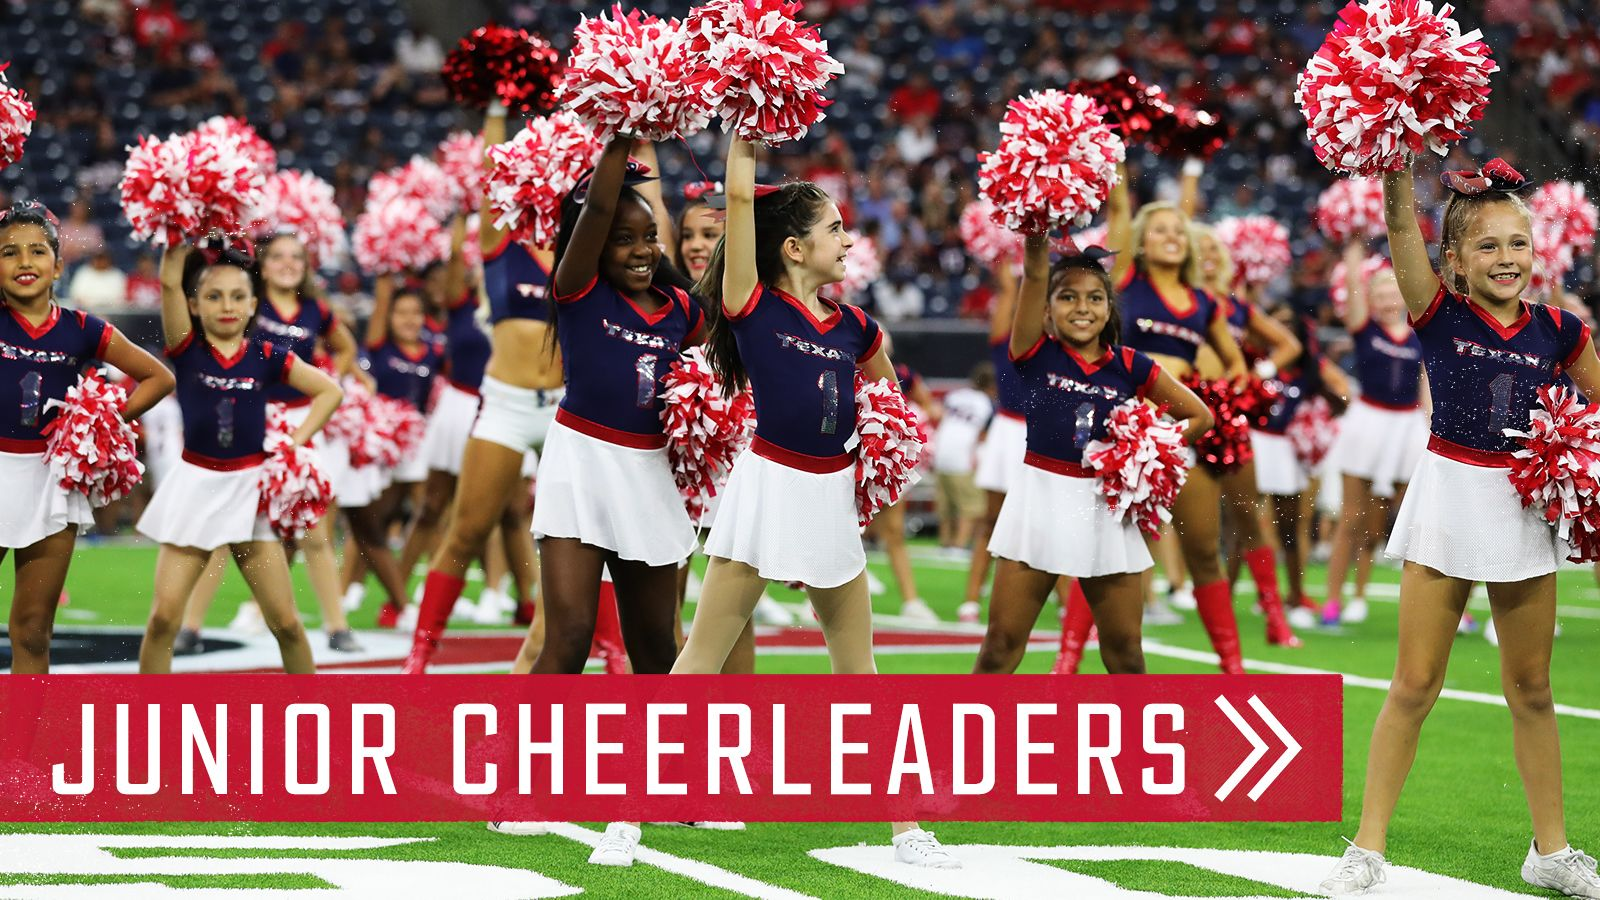 Junior Cheerleaders